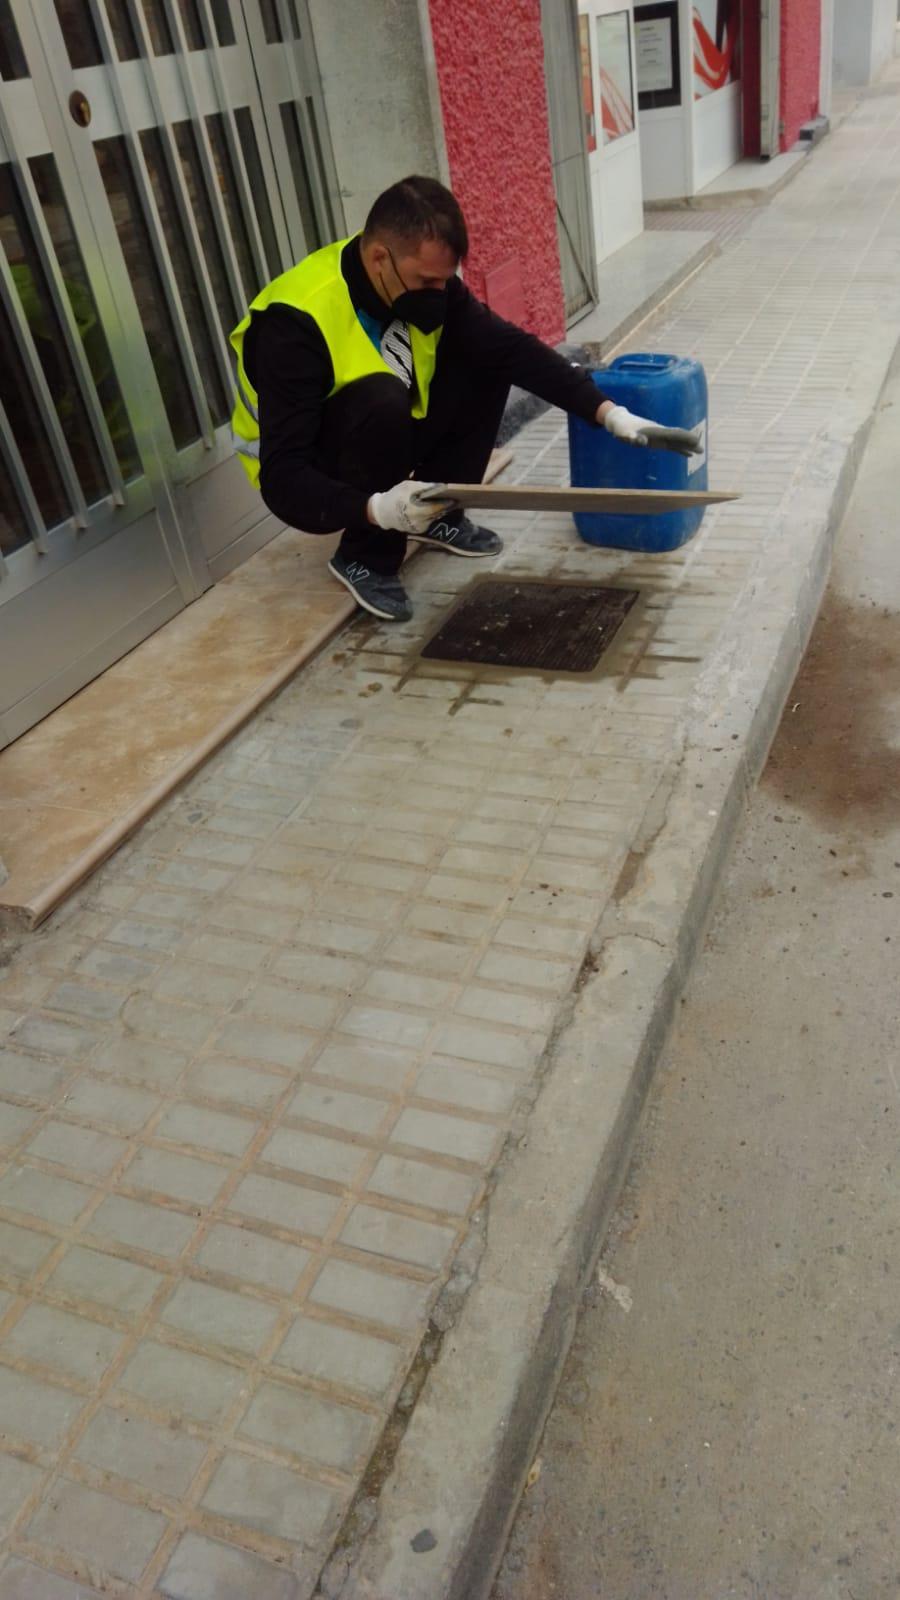 Mejoras en la accesibilidad y mantenimiento de vías públicas en Herencia 6